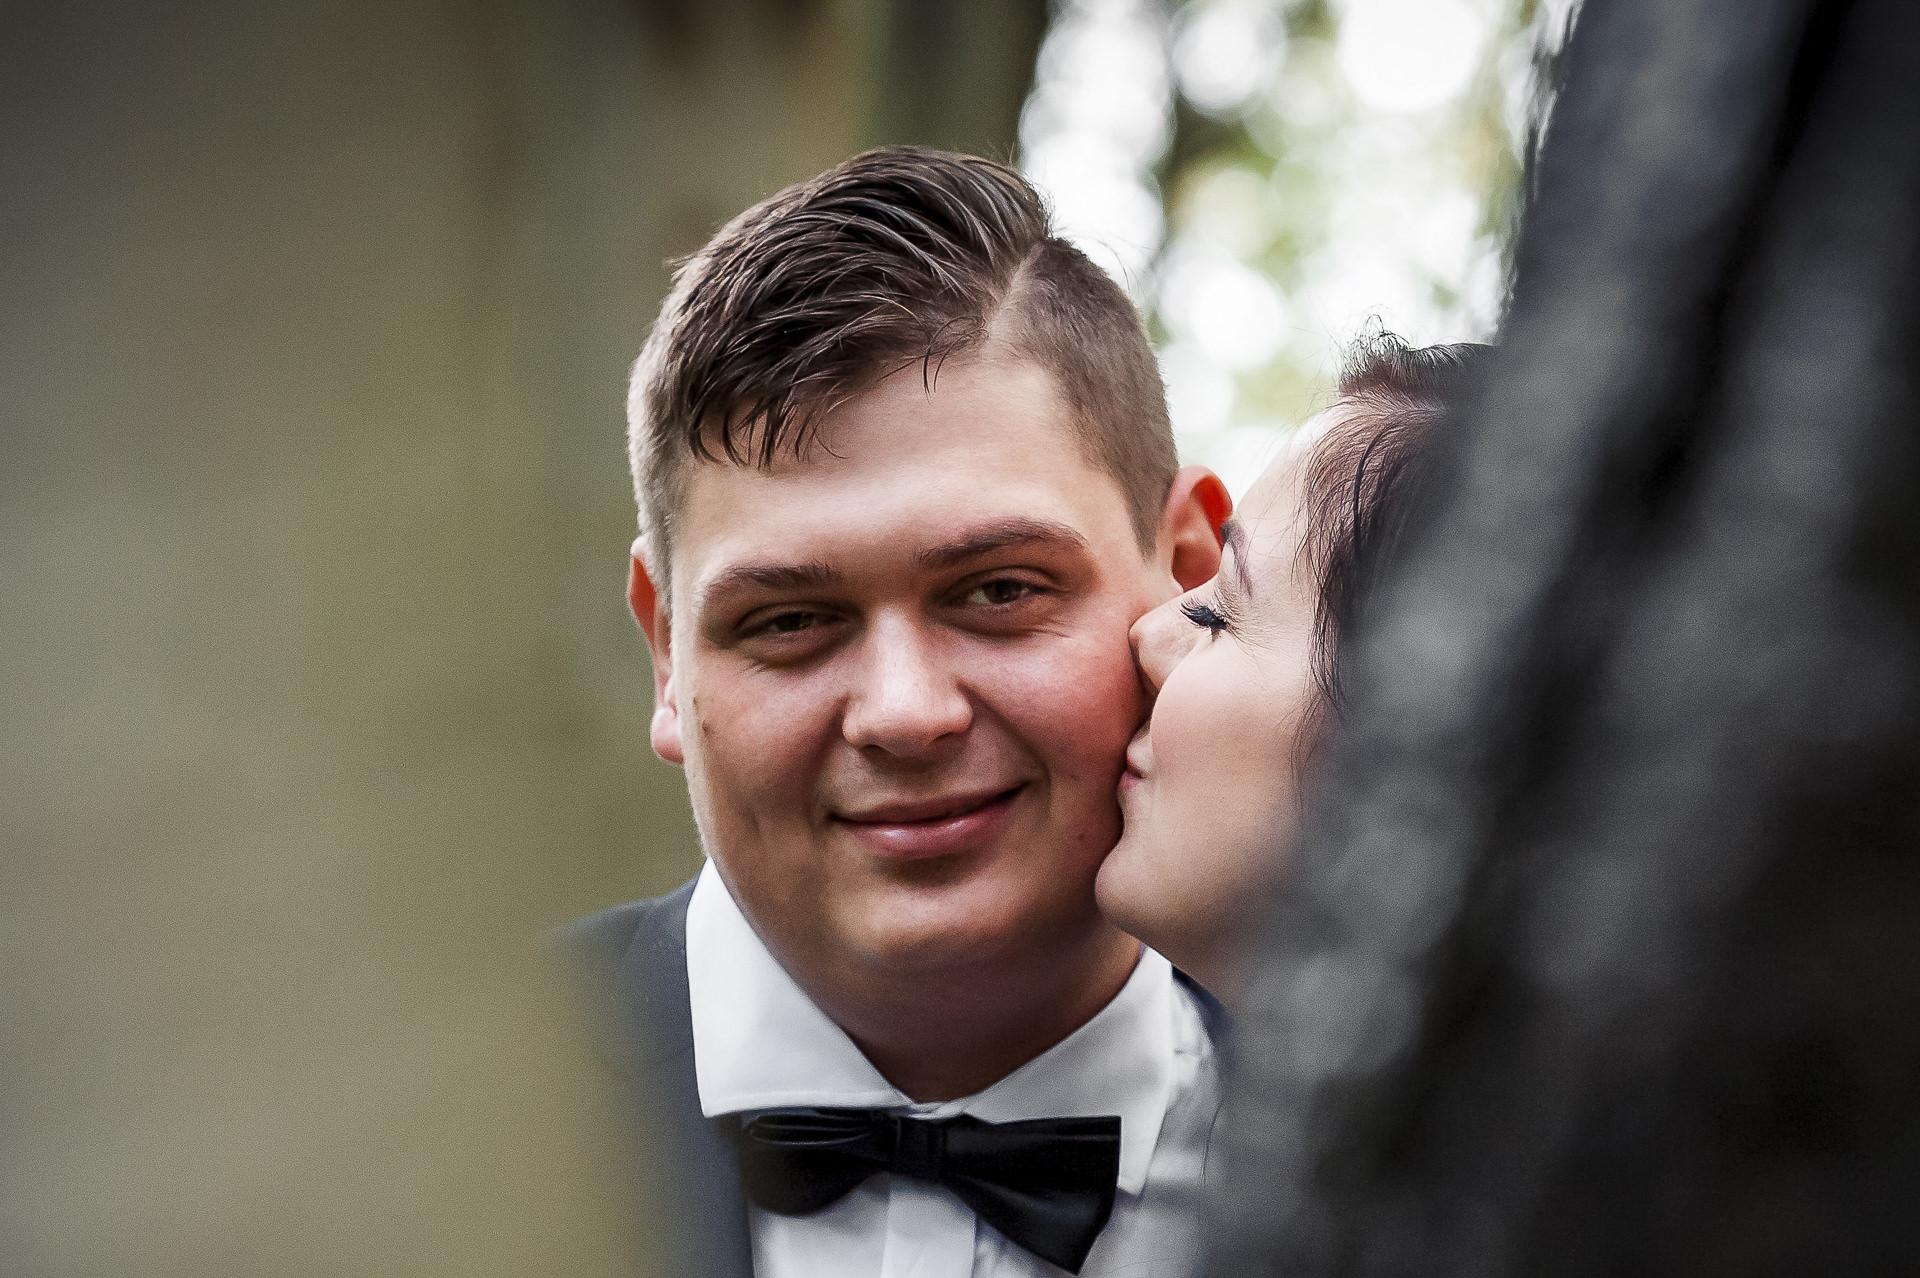 Strefa klienta Rafał Kowalski Fotograf Ślubny